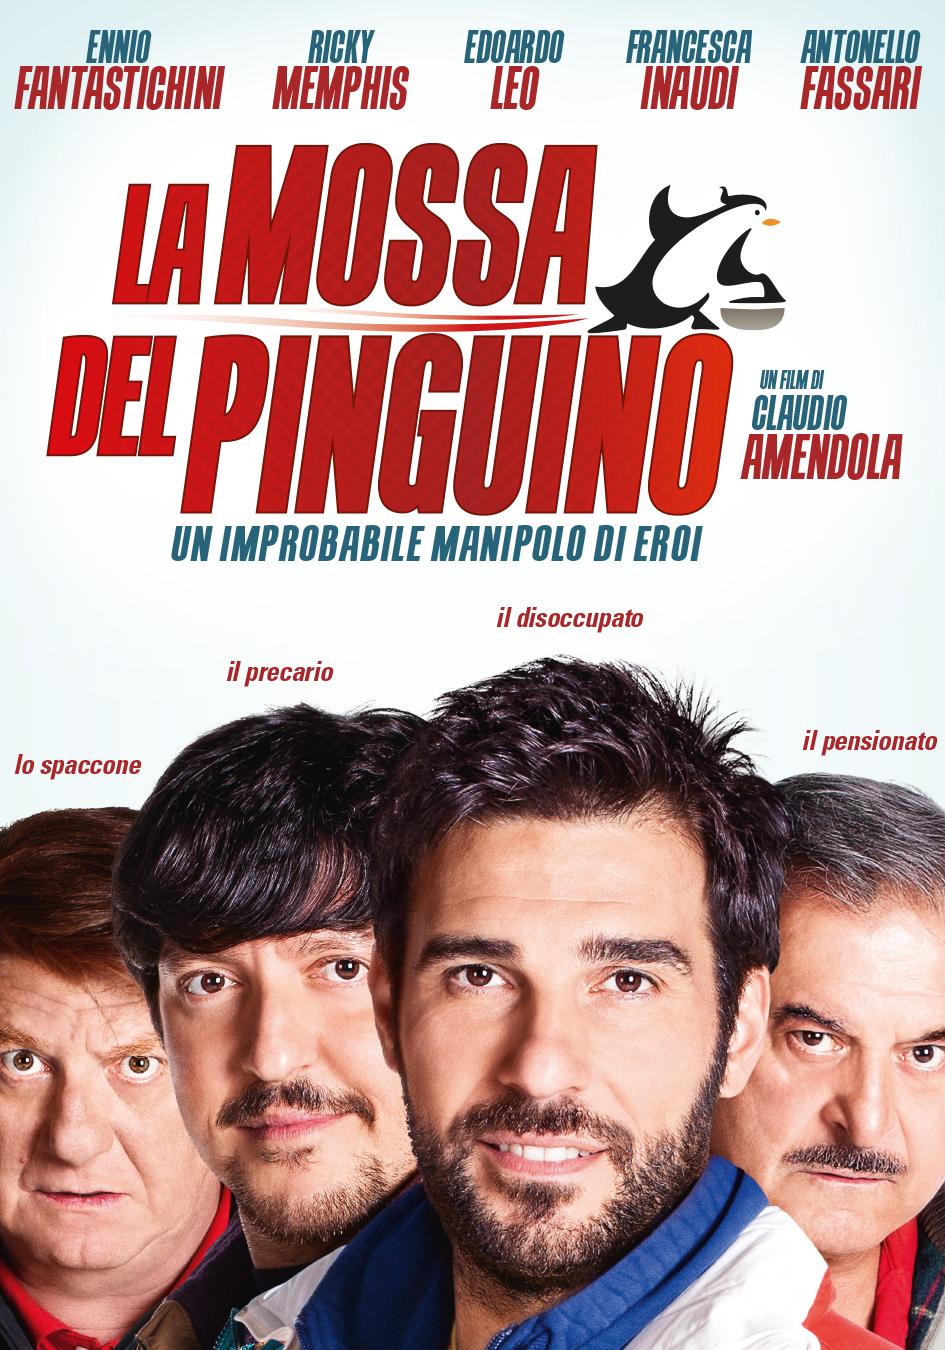 Asti Film Festival: l'agenda di venerdì 12 dicembre 2014